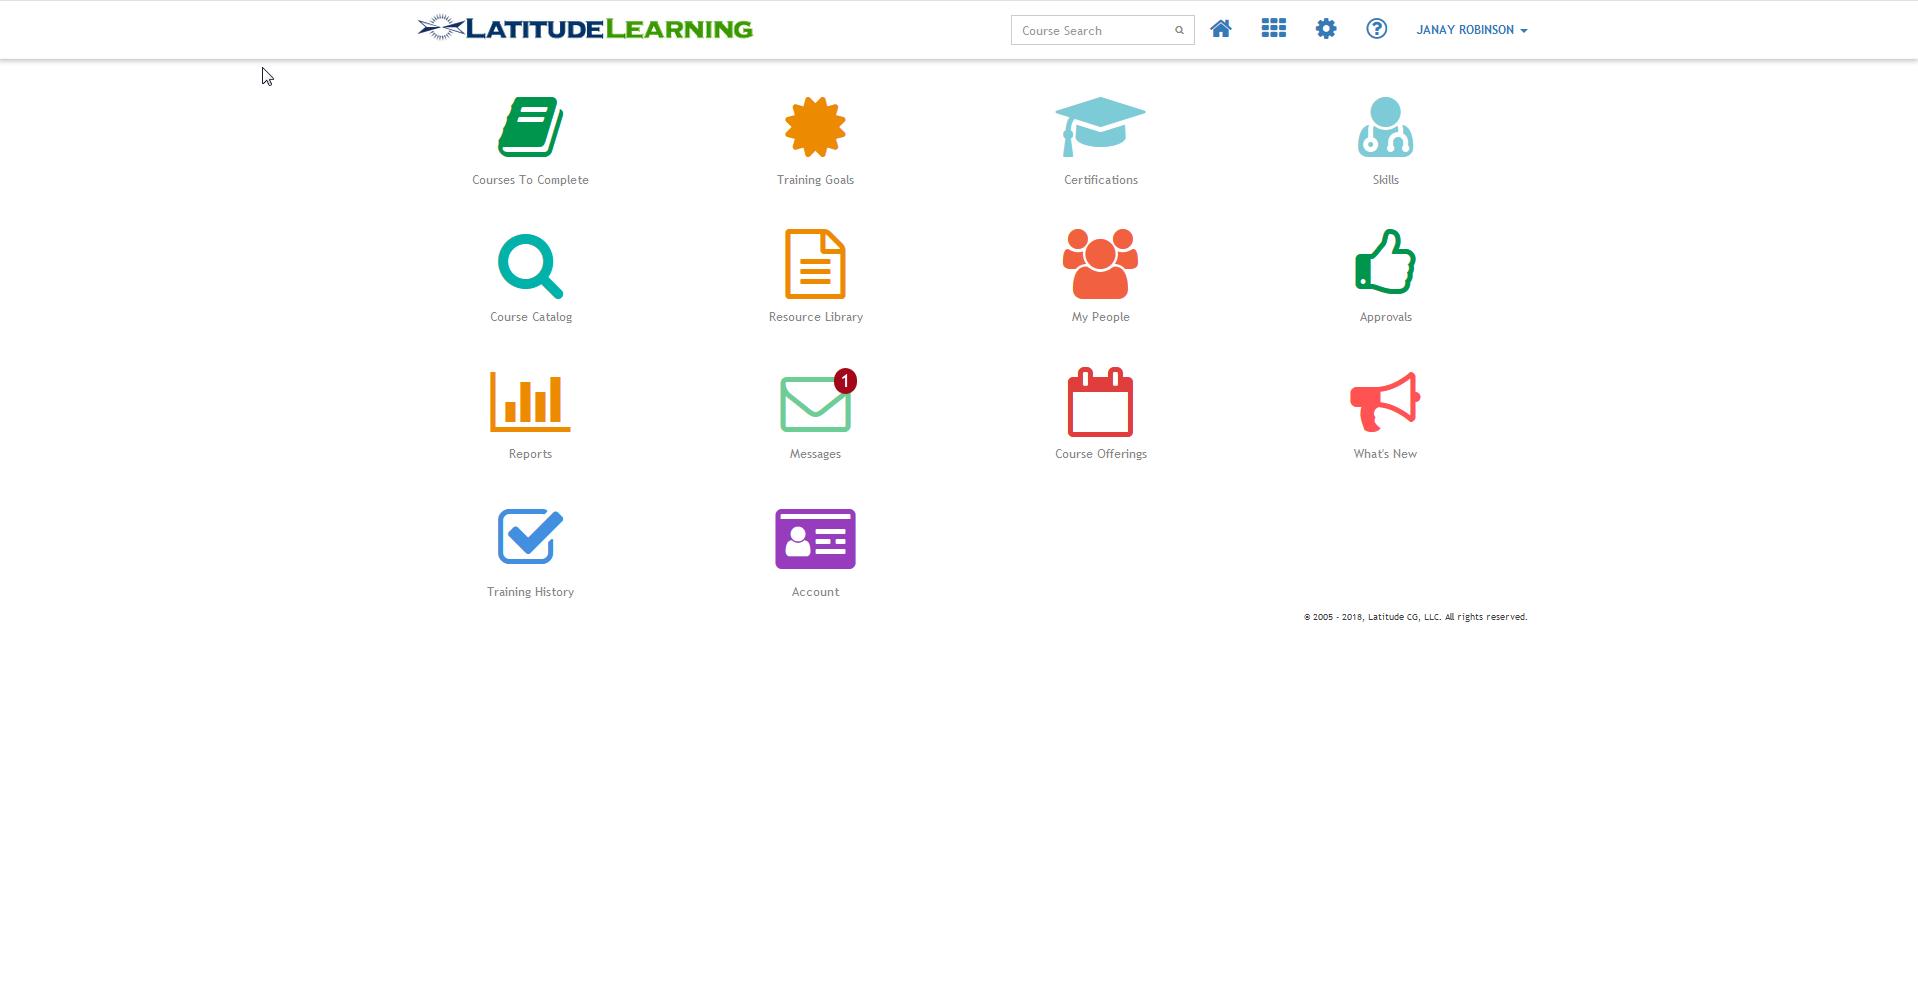 LatitudeLearning screenshot: Dashboard